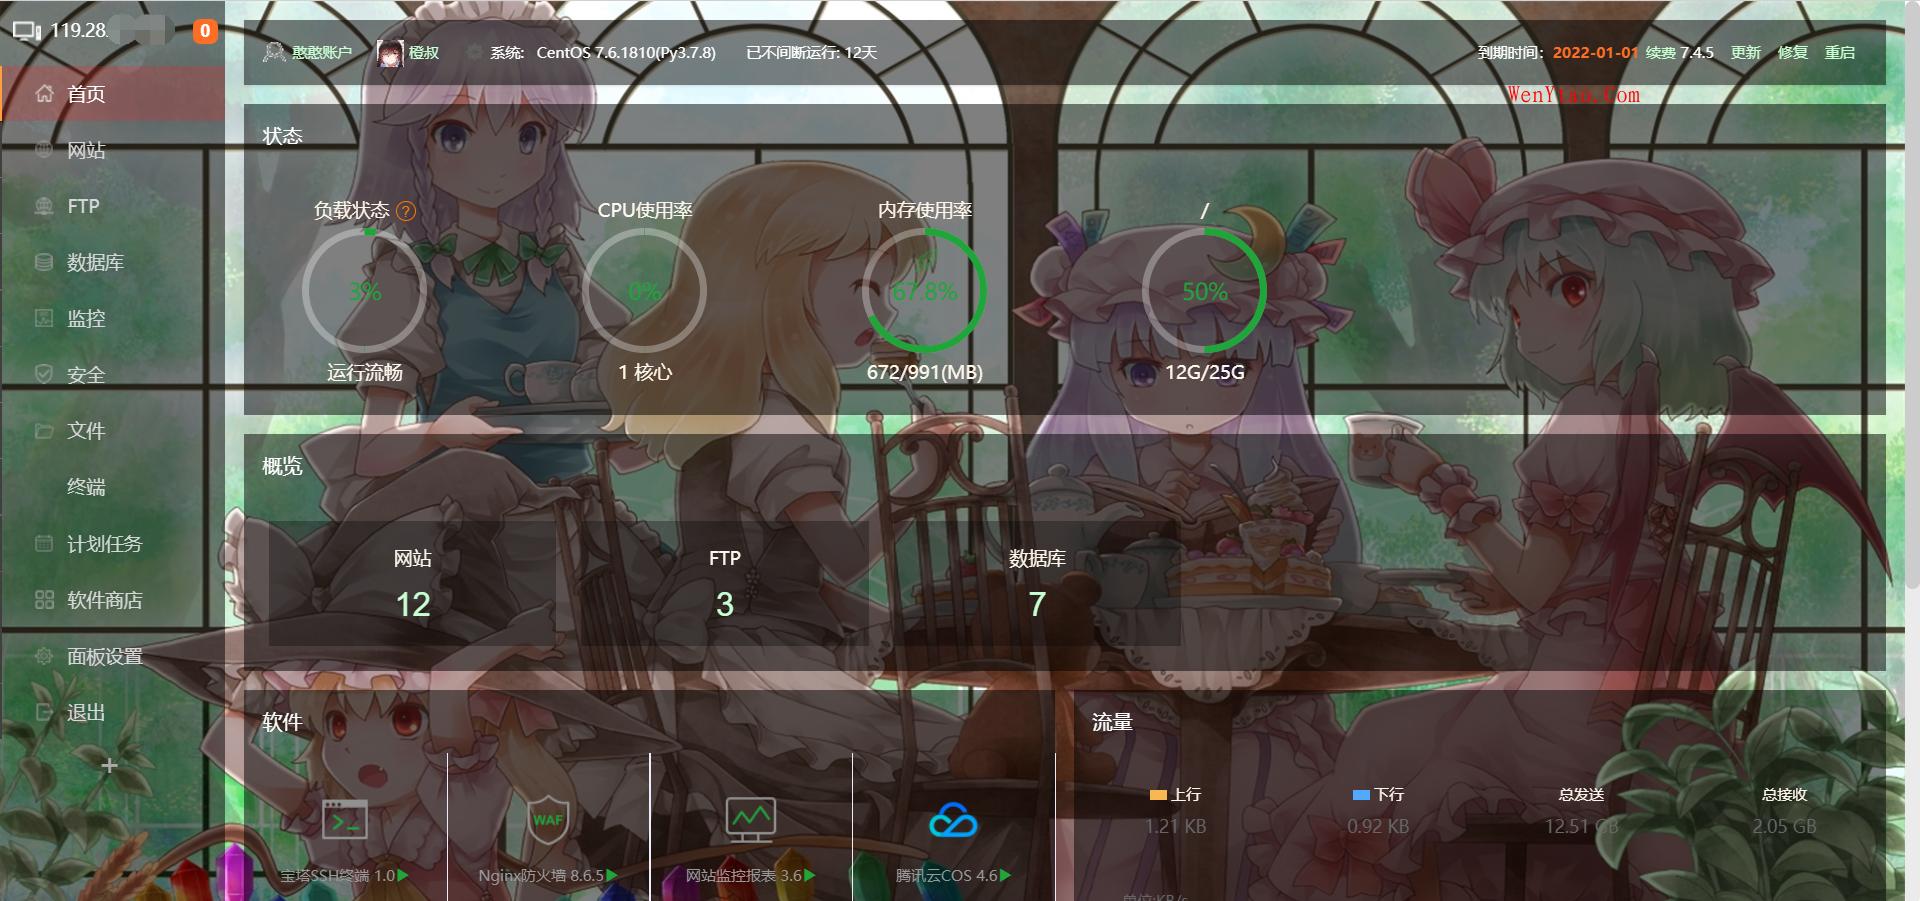 宝塔控制面板美化模板 控制面板 面板 bt BtSoft\panel\BTPanel 第2张